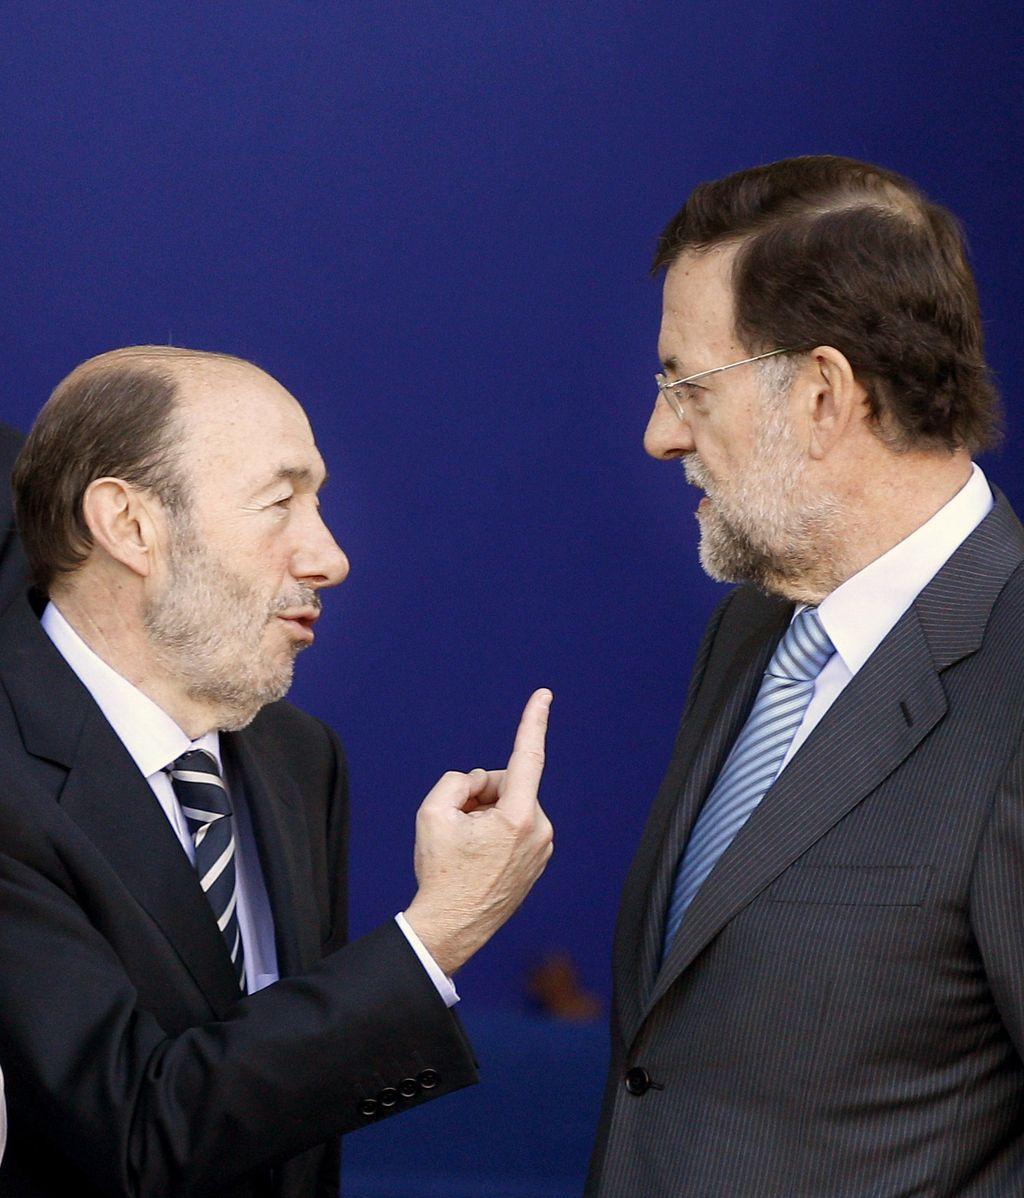 Rubalcaba y Rajoy charlan minutos antes del desfiles de las fuerzas armadas.